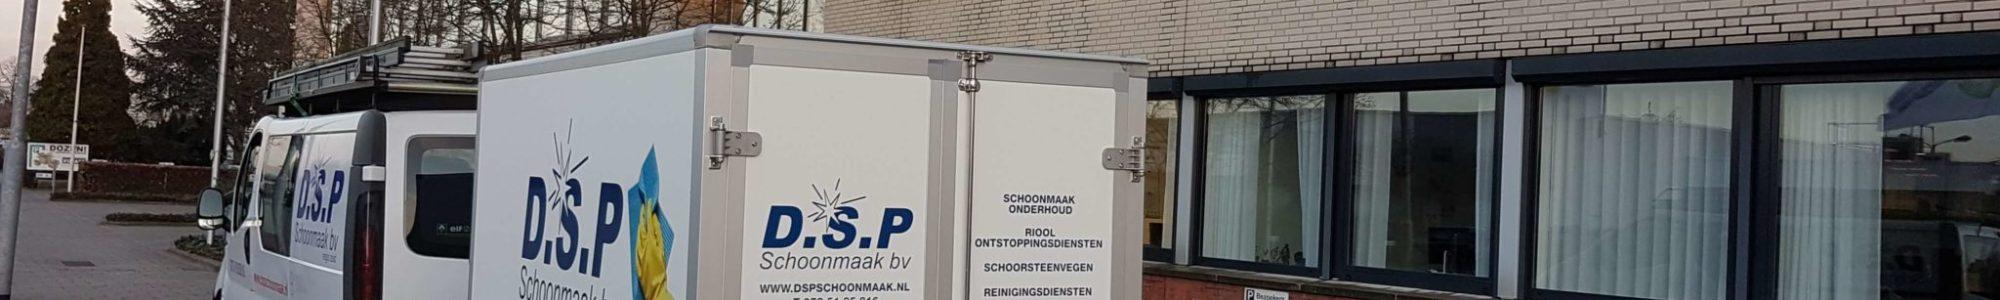 DSP Schoonmaakbedrijf